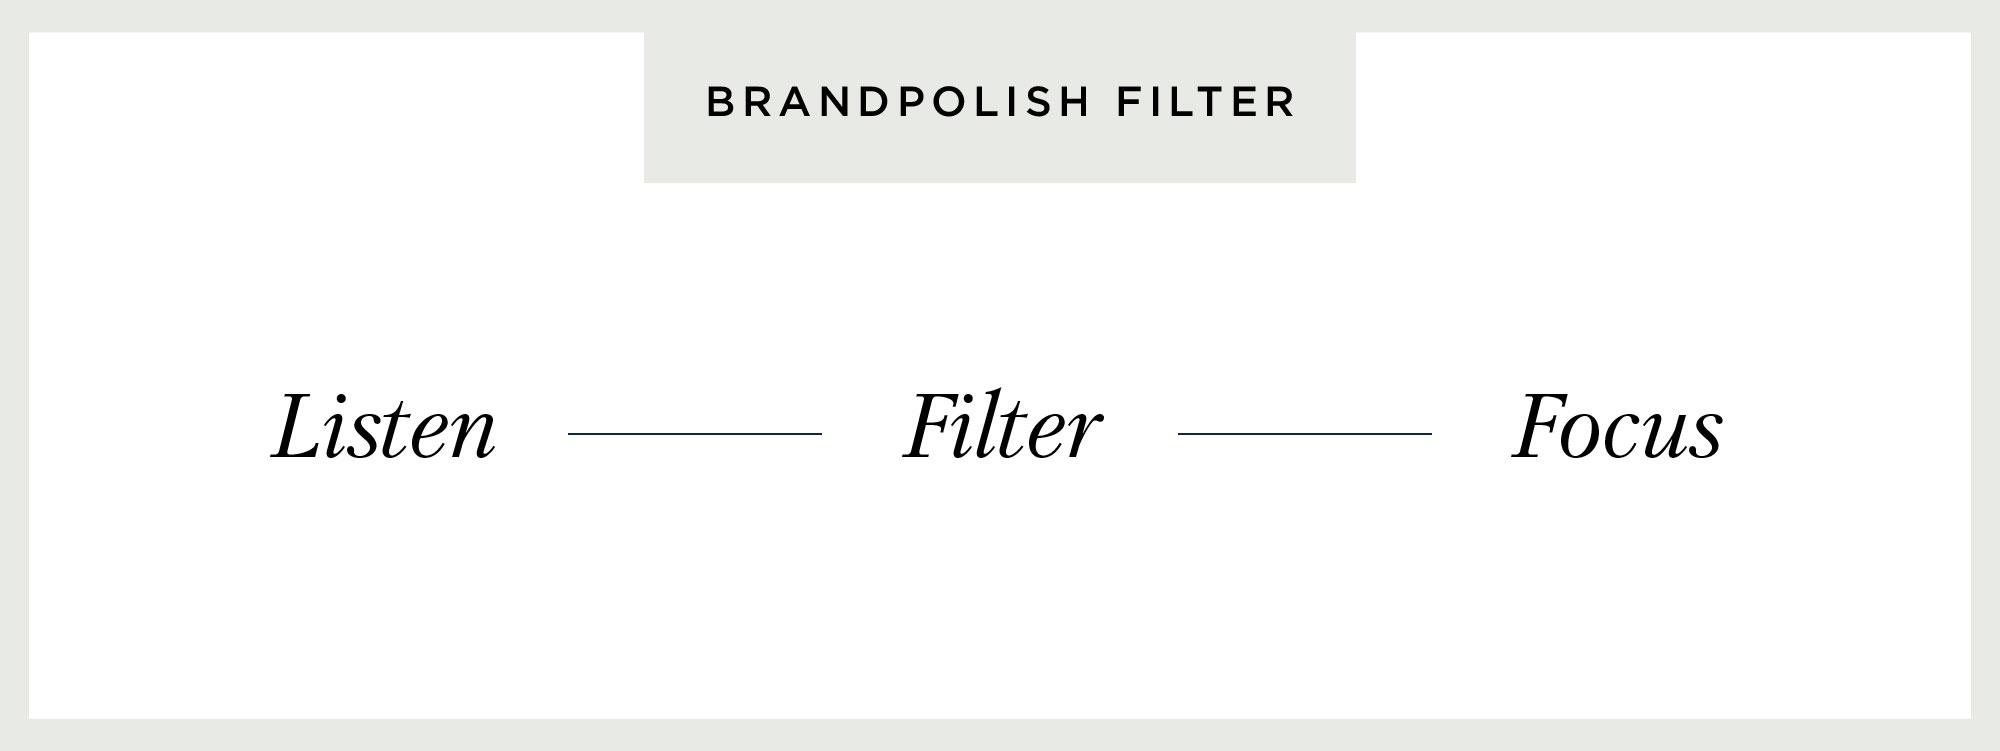 BRANDPOLISH-FILTER2.jpg